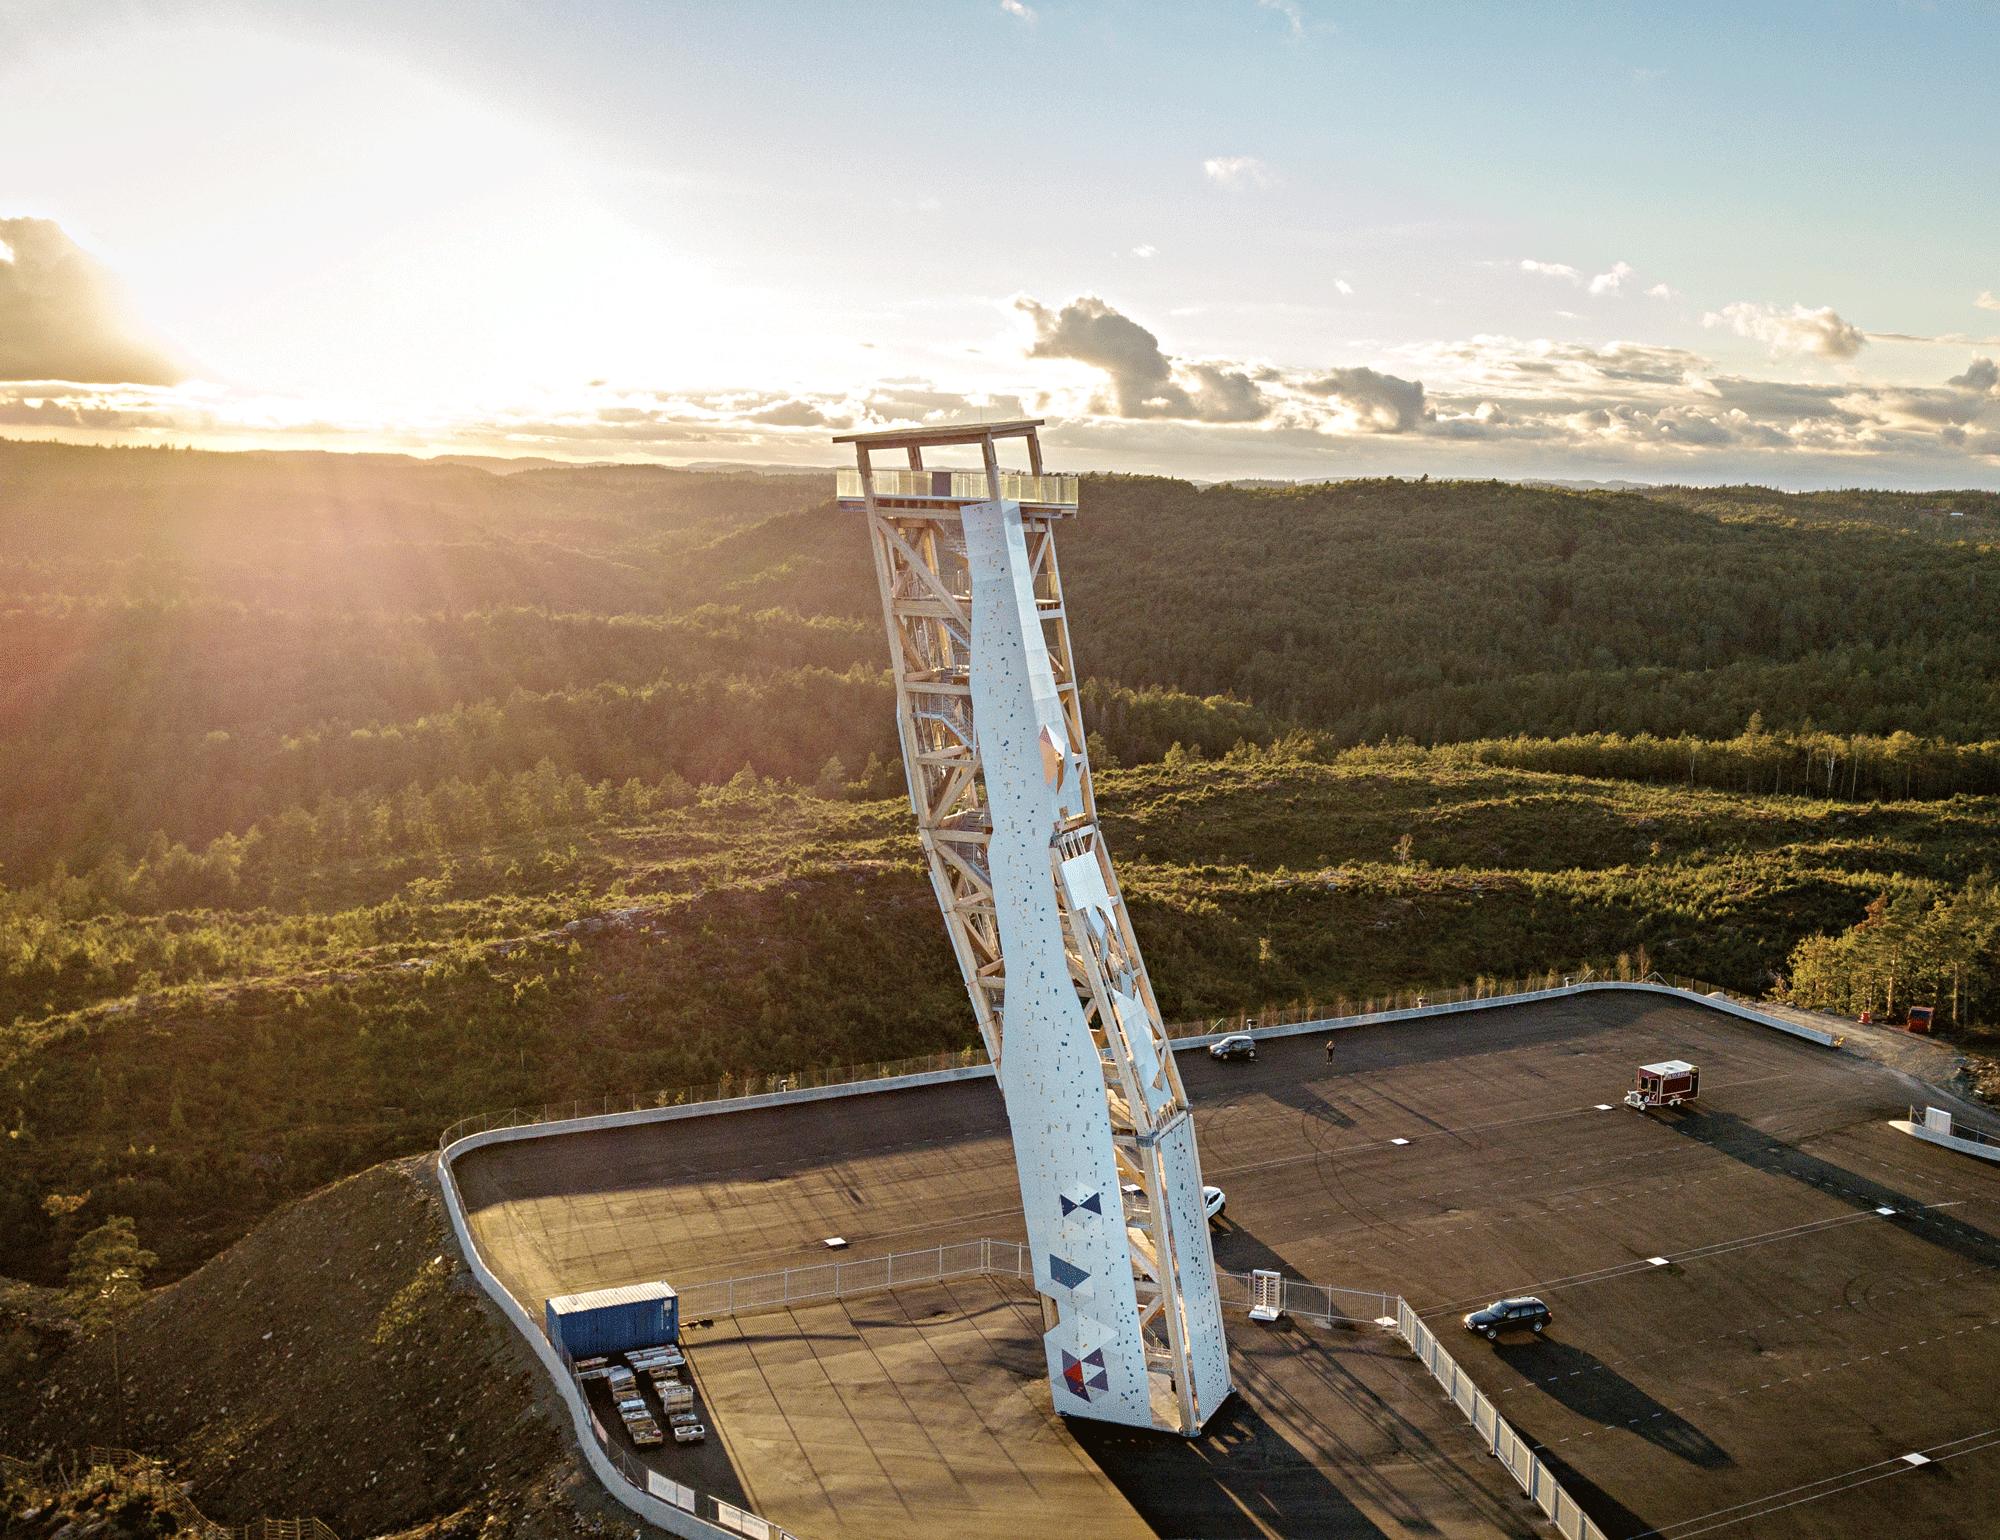 HØYT: Tårnet Som Er Hele 47 Meter Høyt Og Heller Ti Meter Gir En Utsikt Halvveis Til Danmark. Foto: Tore Næss/OVER